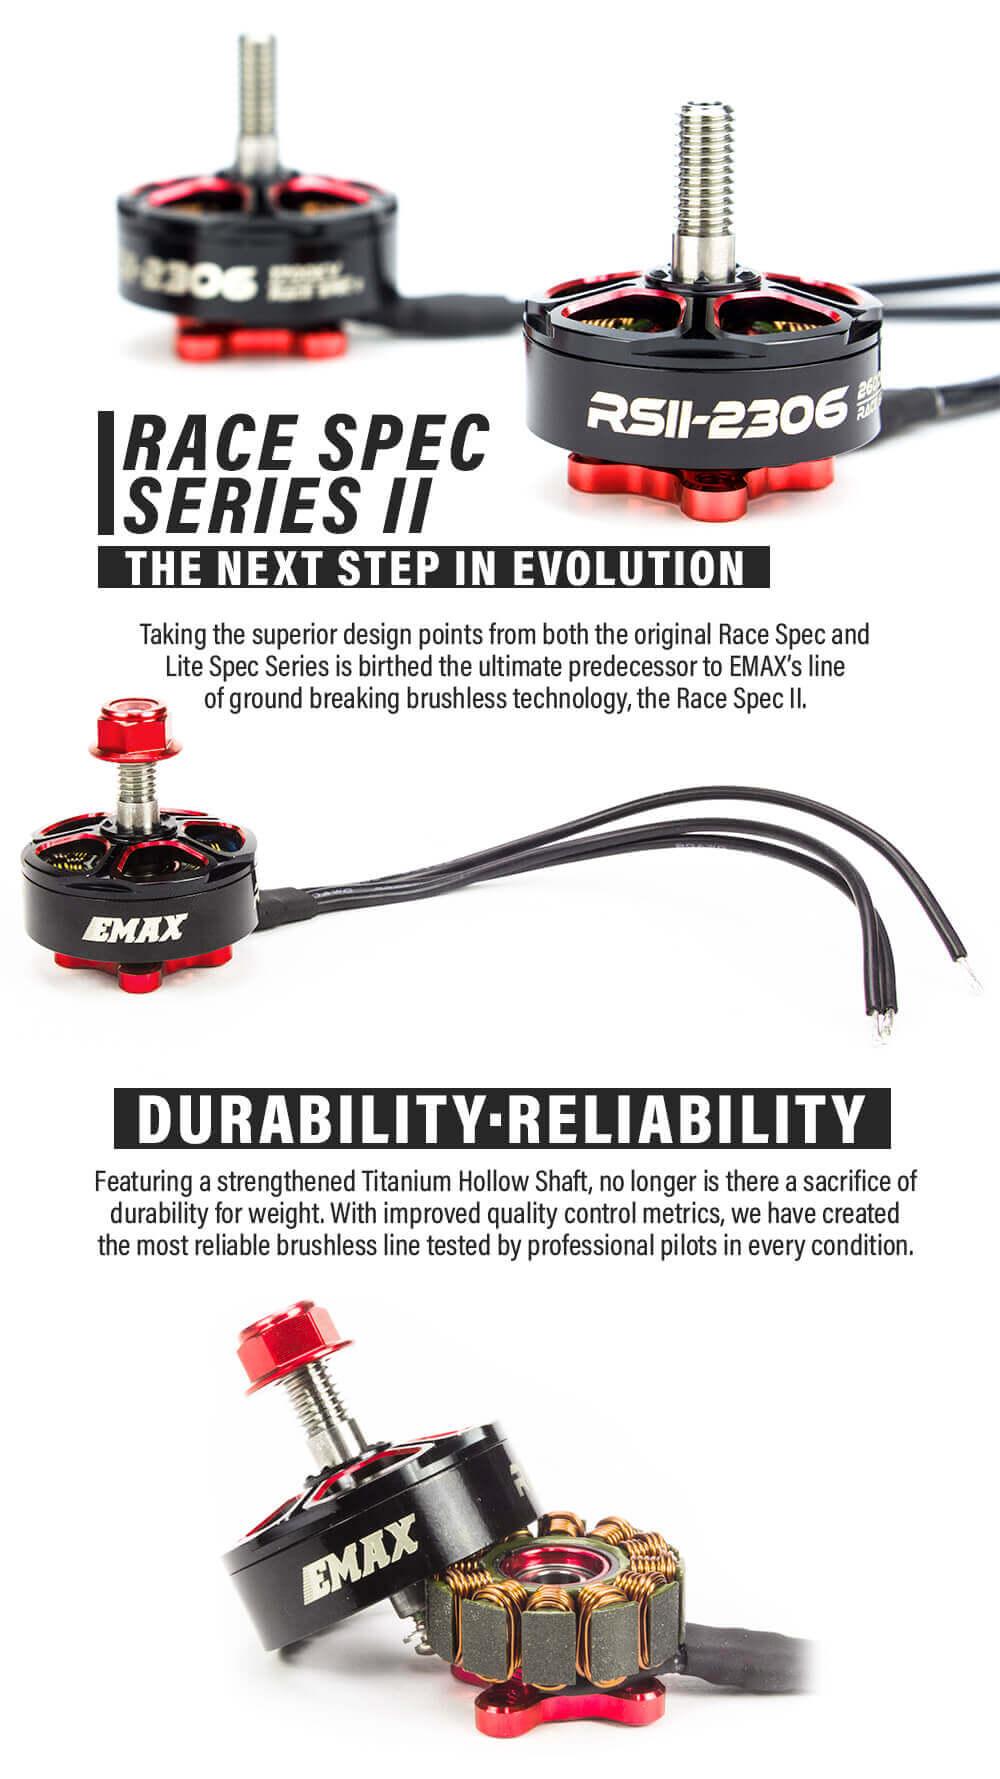 Silnik drugiej serii RSII RS2306 to niesamowite osiągi